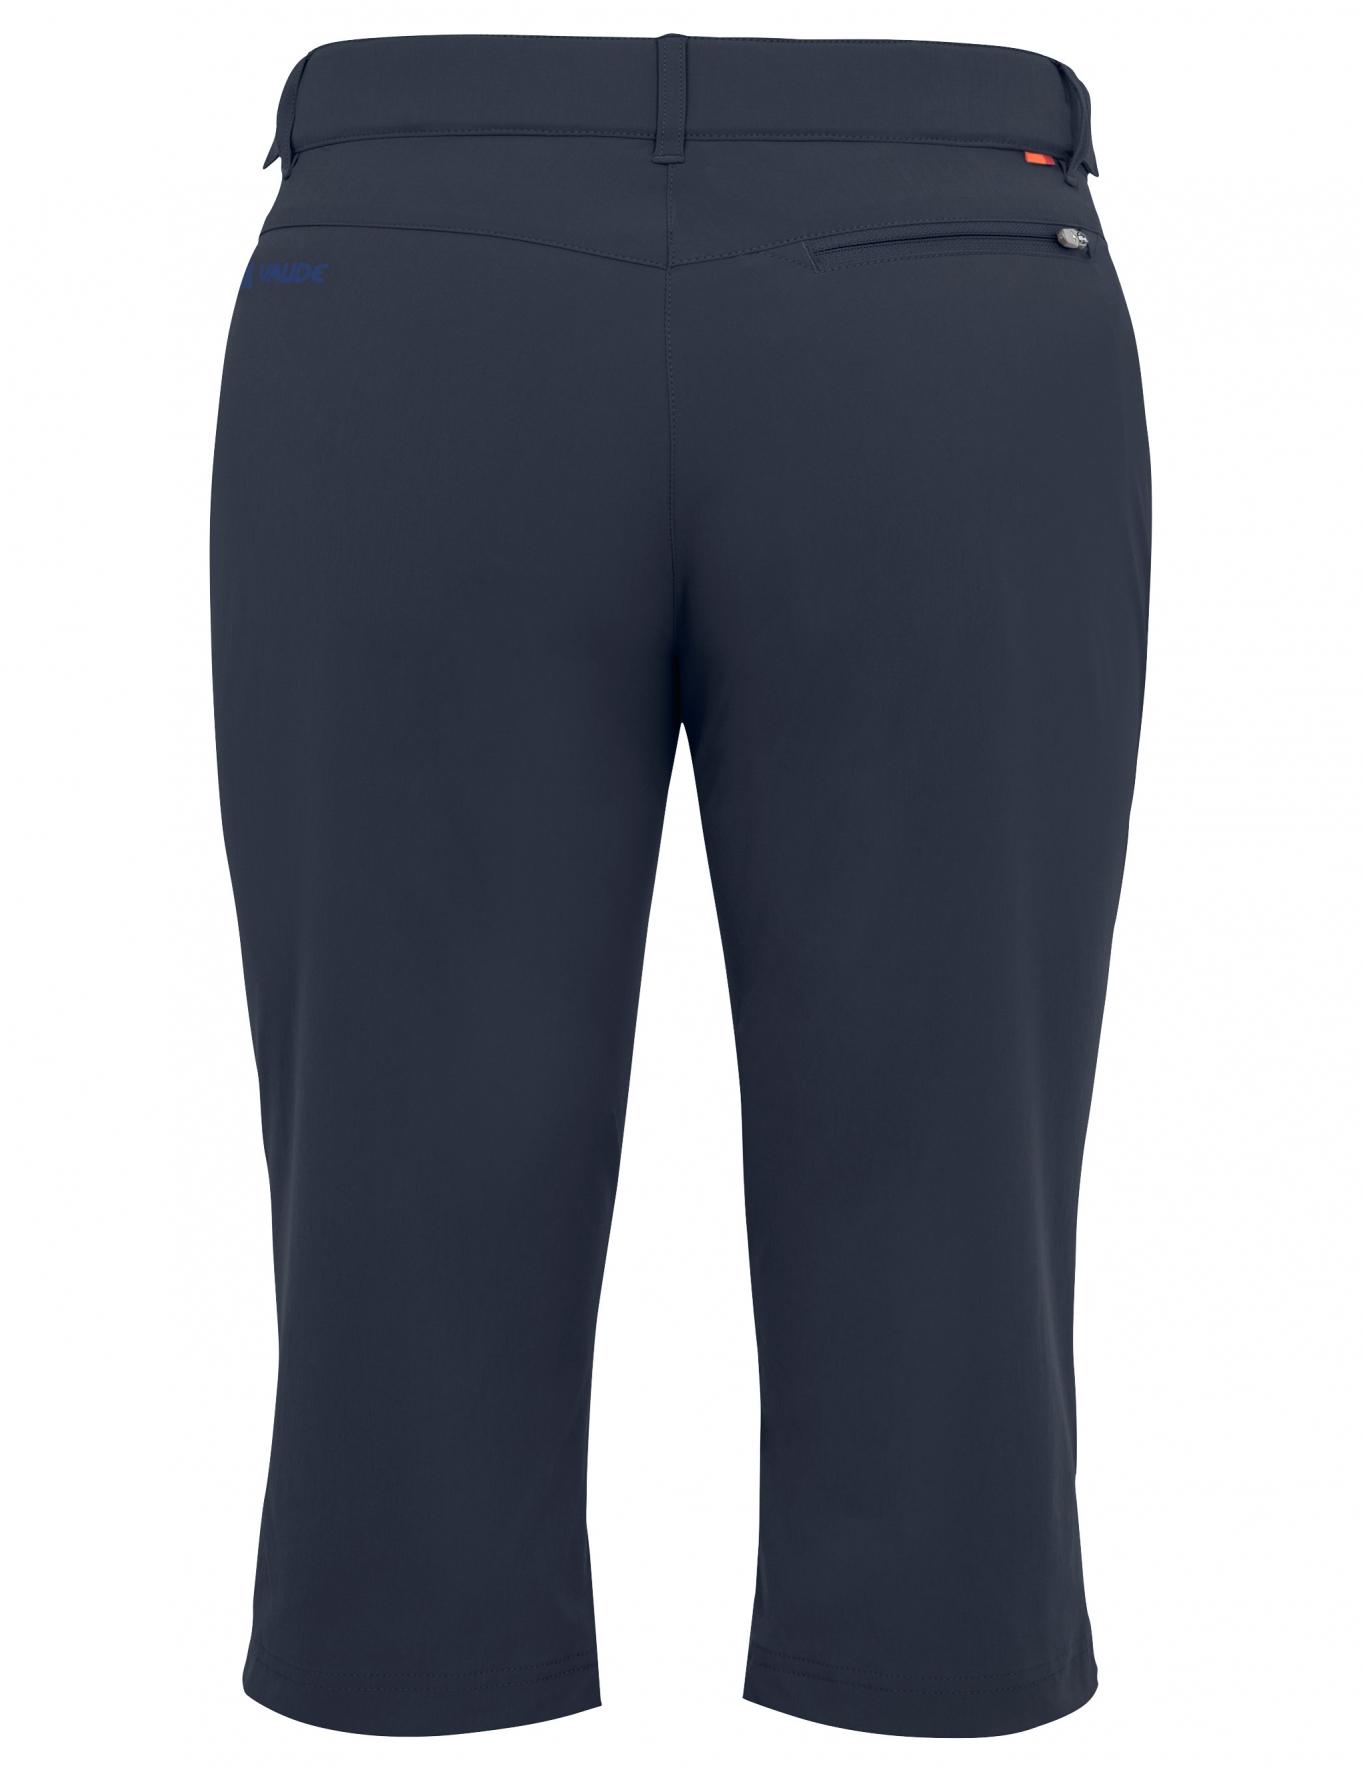 Damen Caprihose Vaude Women/'s Farley Stretch Capri II 04578